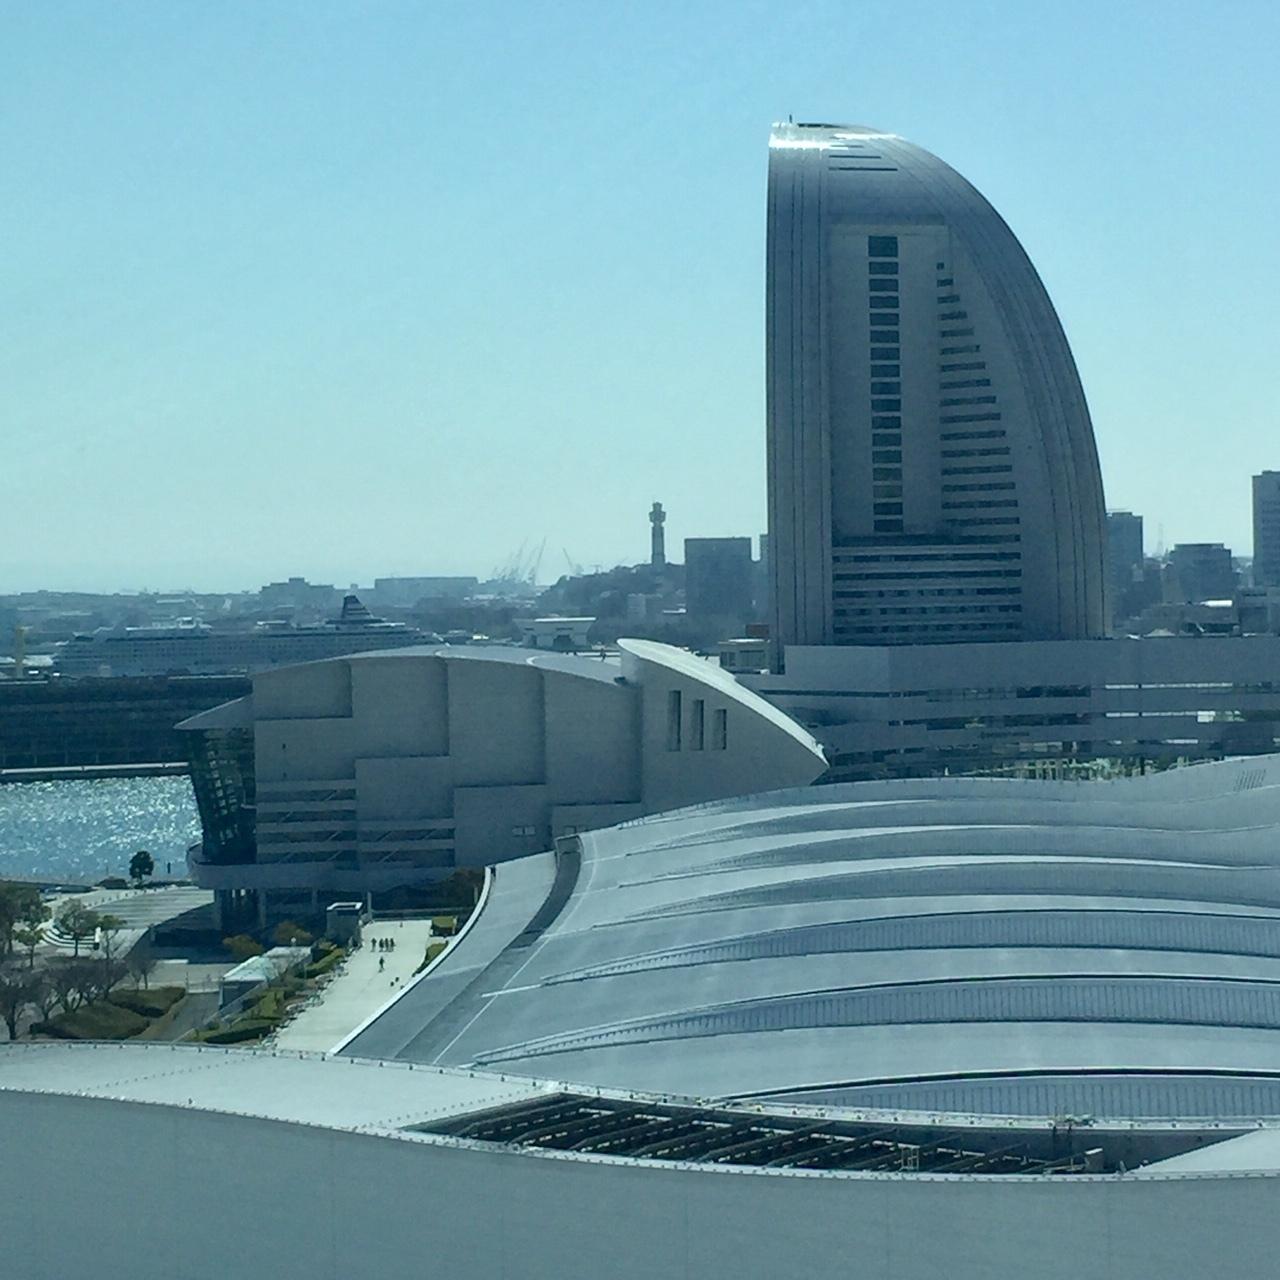 ザ・カハラ・ホテル&リゾート横浜でハワイ気分のお茶時間_1_2-2